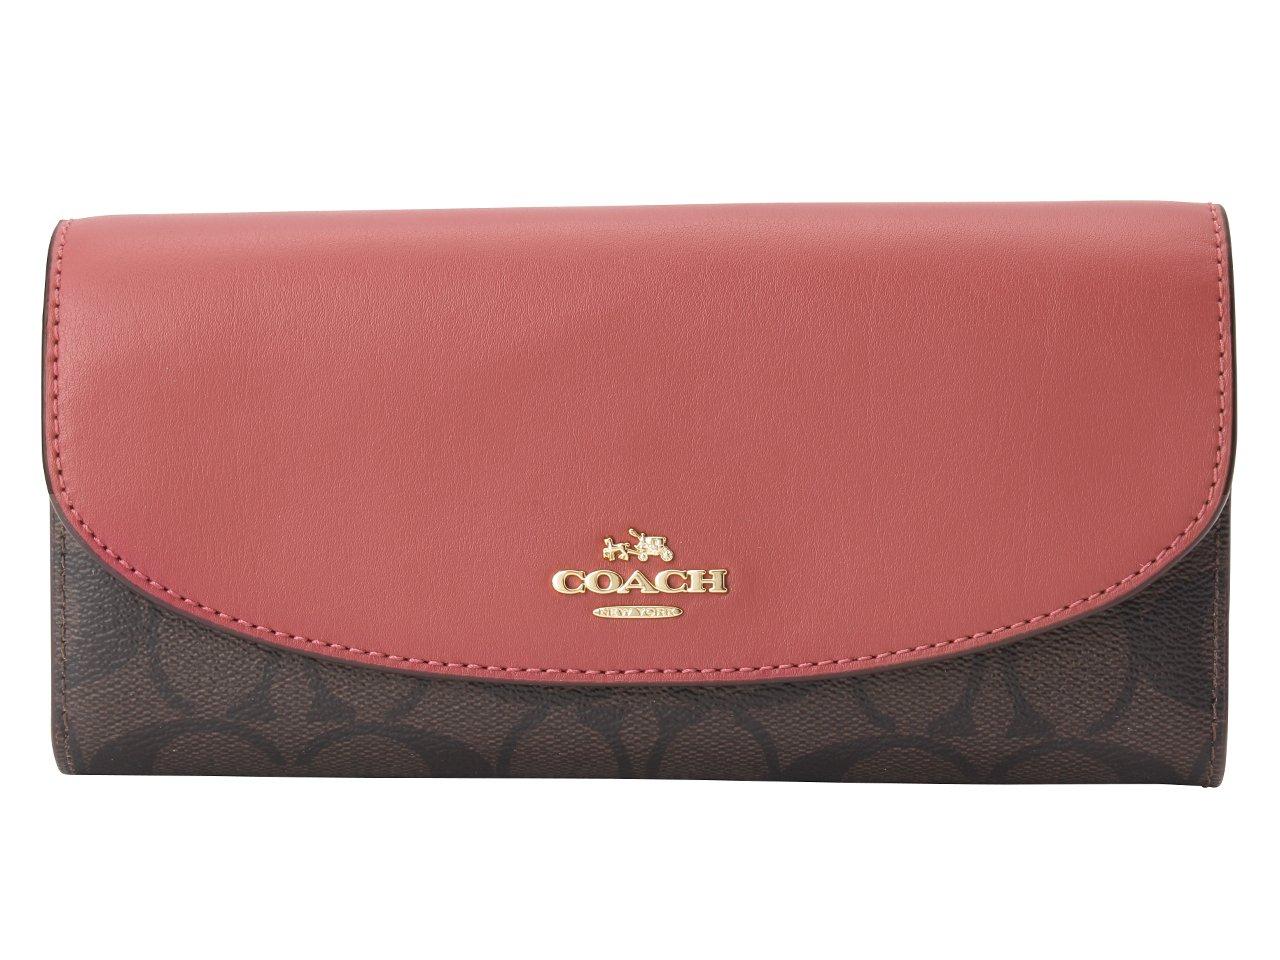 (コーチ) COACH 財布 長財布 二つ折り シグネチャー SLIM ENVELOPE F54022 アウトレット [並行輸入品] B079YKB3GH ブラウン×ルージュ ブラウン×ルージュ